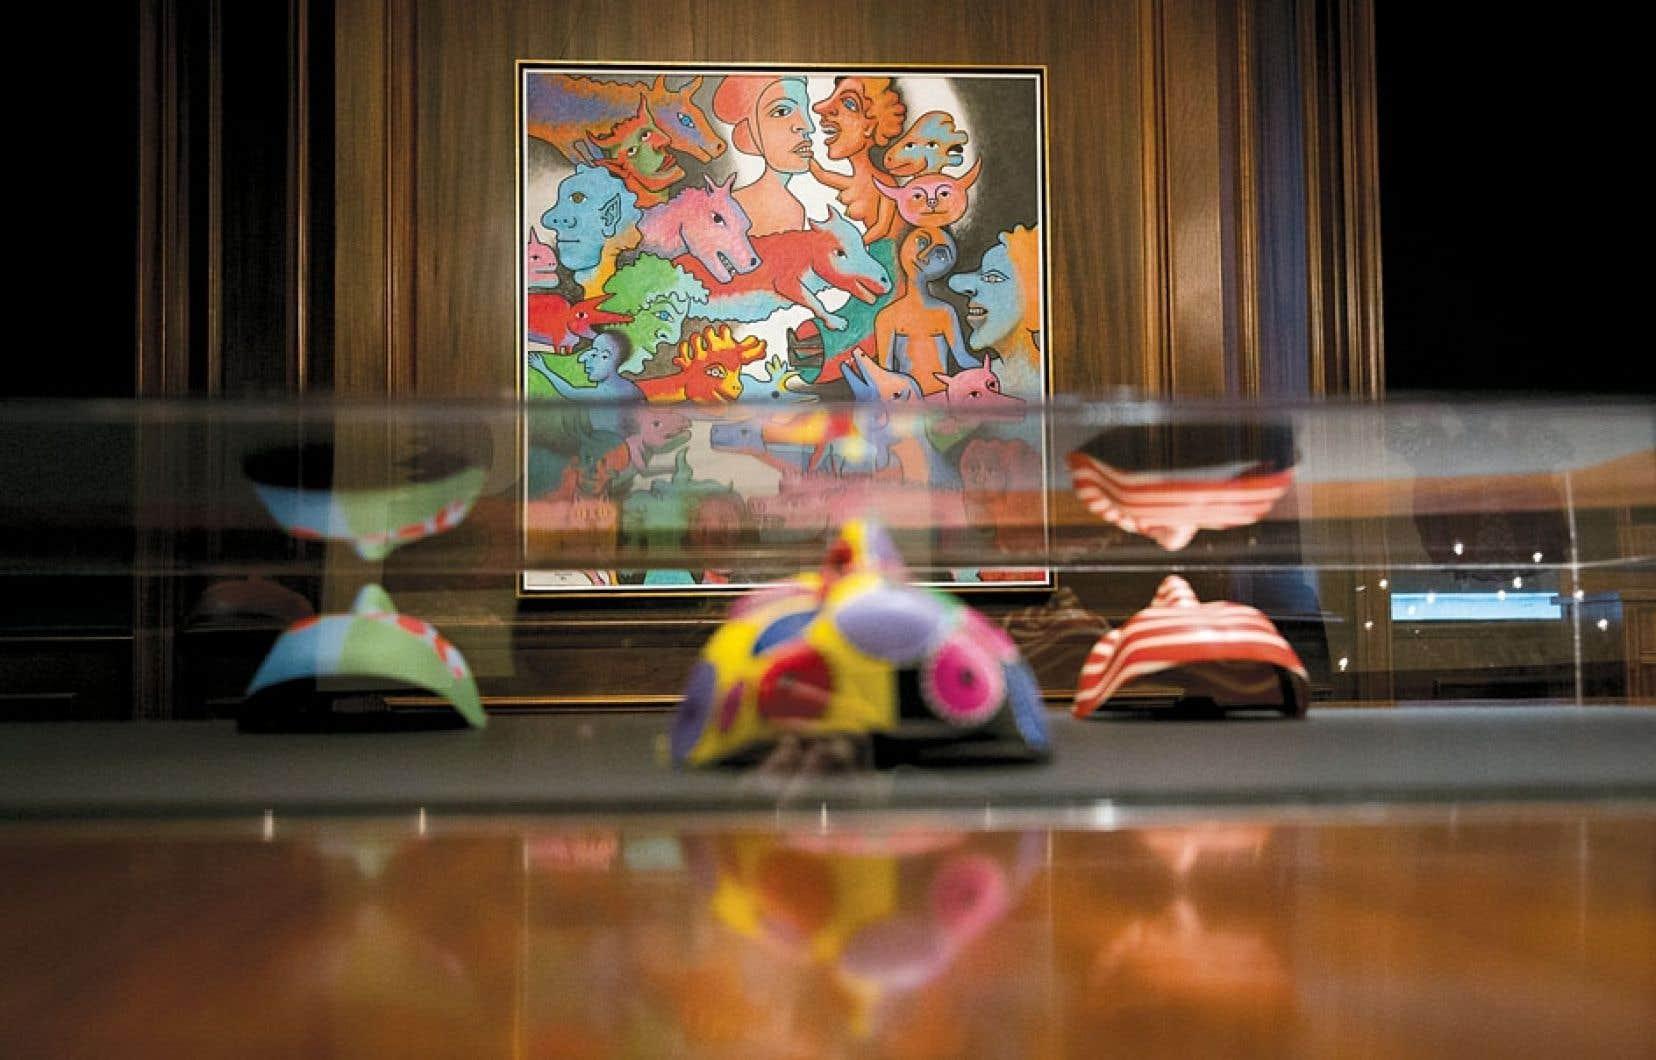 Le petit corpus d'œuvres exposé témoigne de la diversité artistique et de la créativité foisonnante qui traversera l'exposition Alfred Pellan. Le grand atelier.